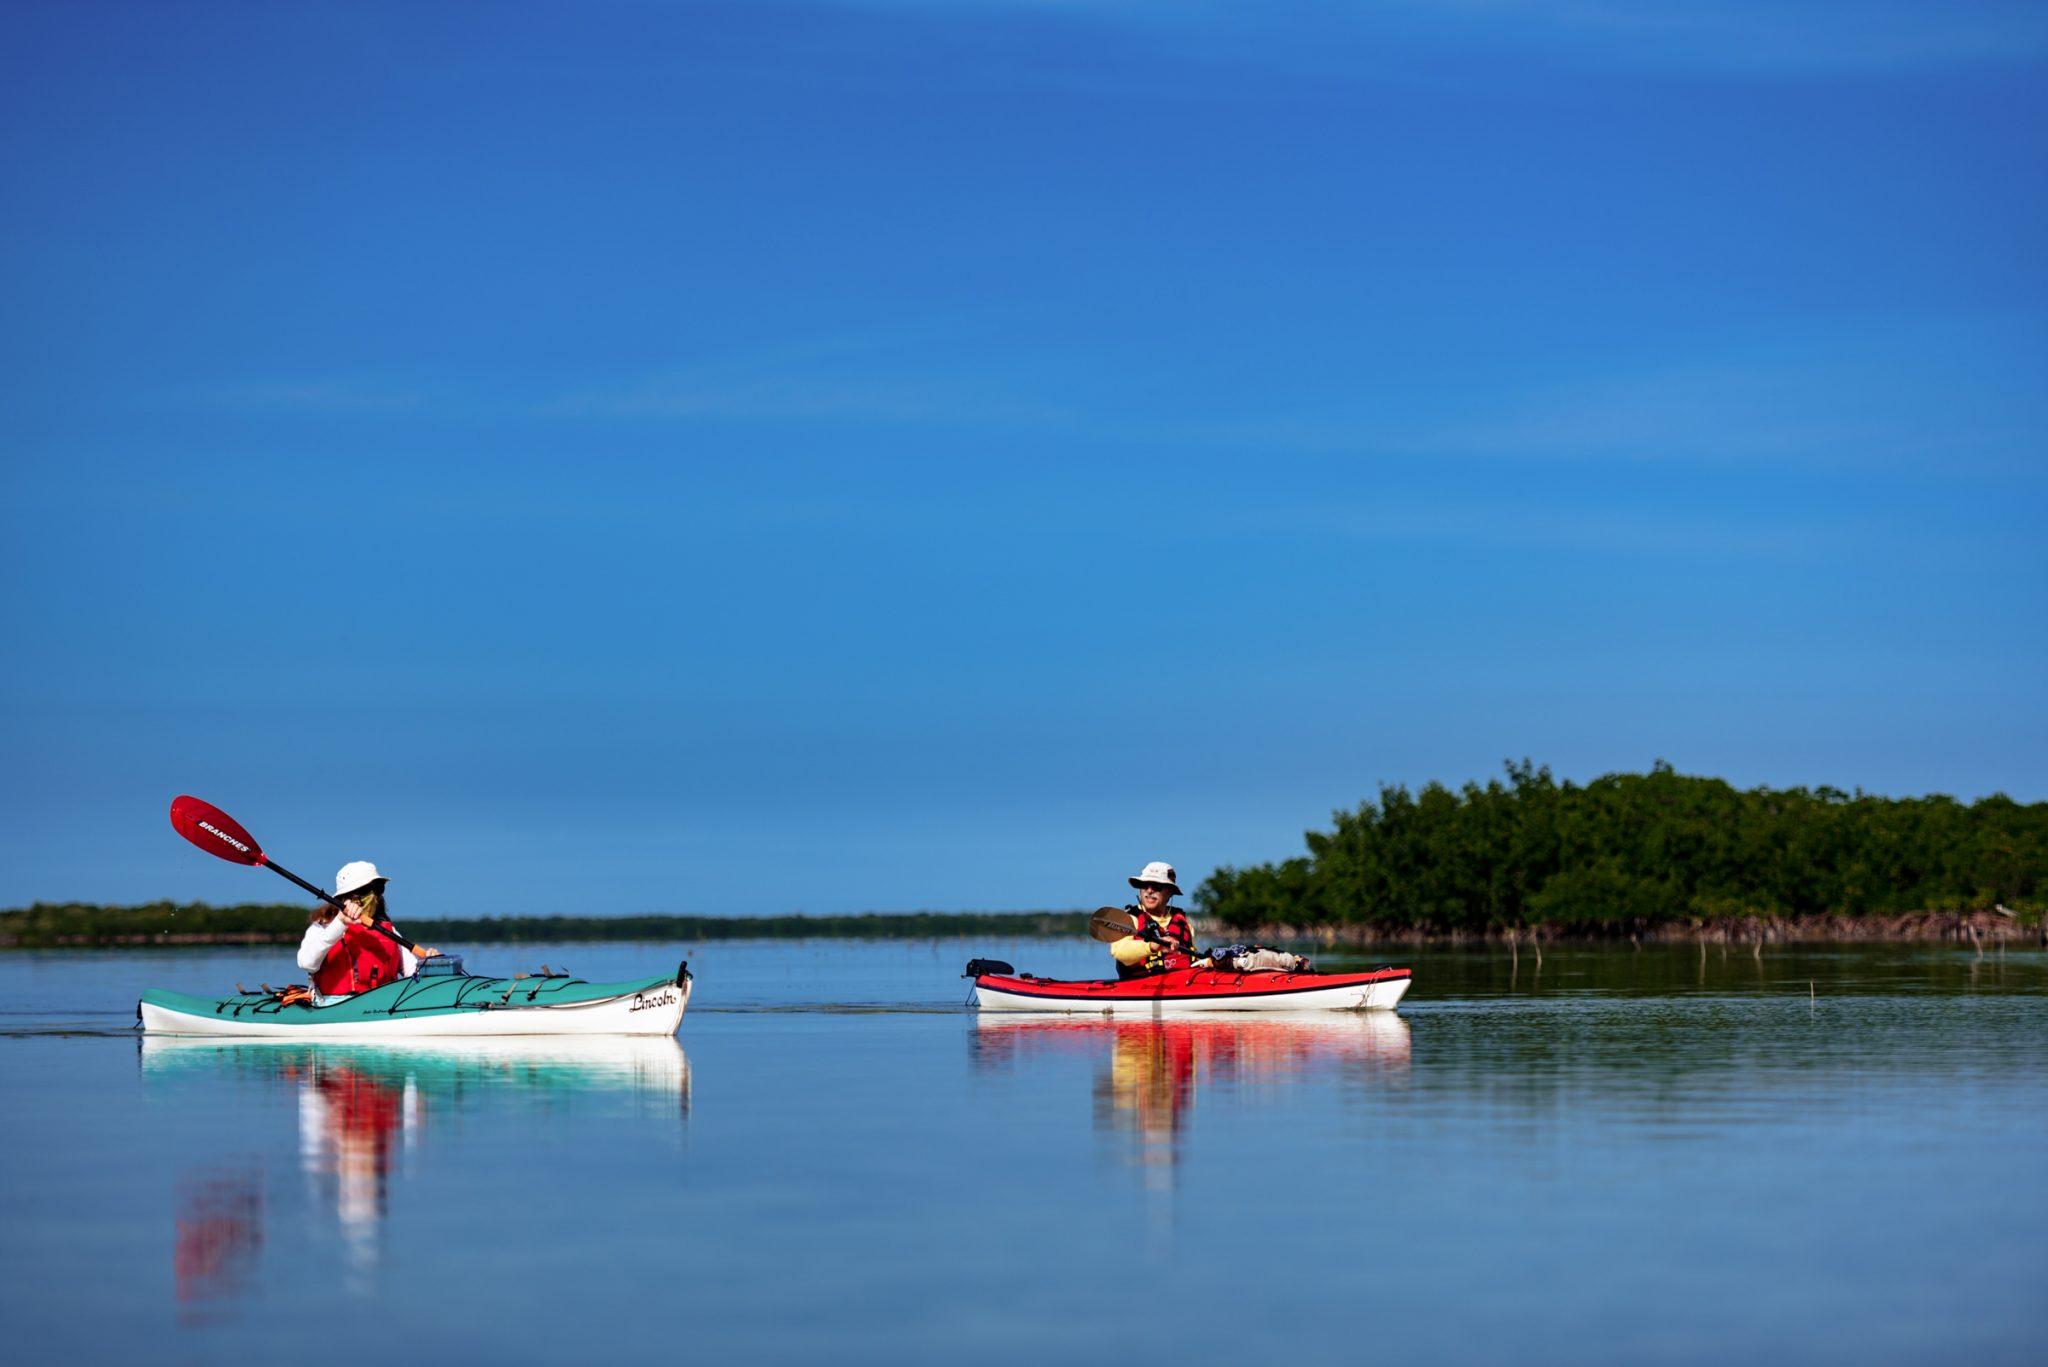 Two people kayaking on a serene lake